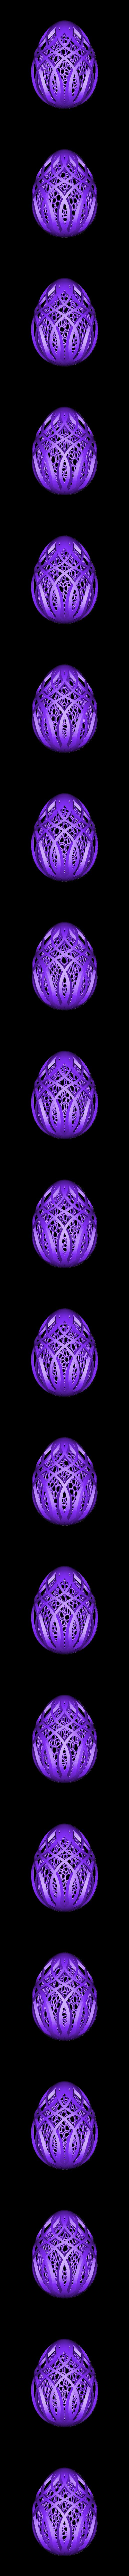 Easter_Egg_3-2020.stl Télécharger fichier STL gratuit Collection d'œufs de Pâques en résine 2 • Plan à imprimer en 3D, ChrisBobo